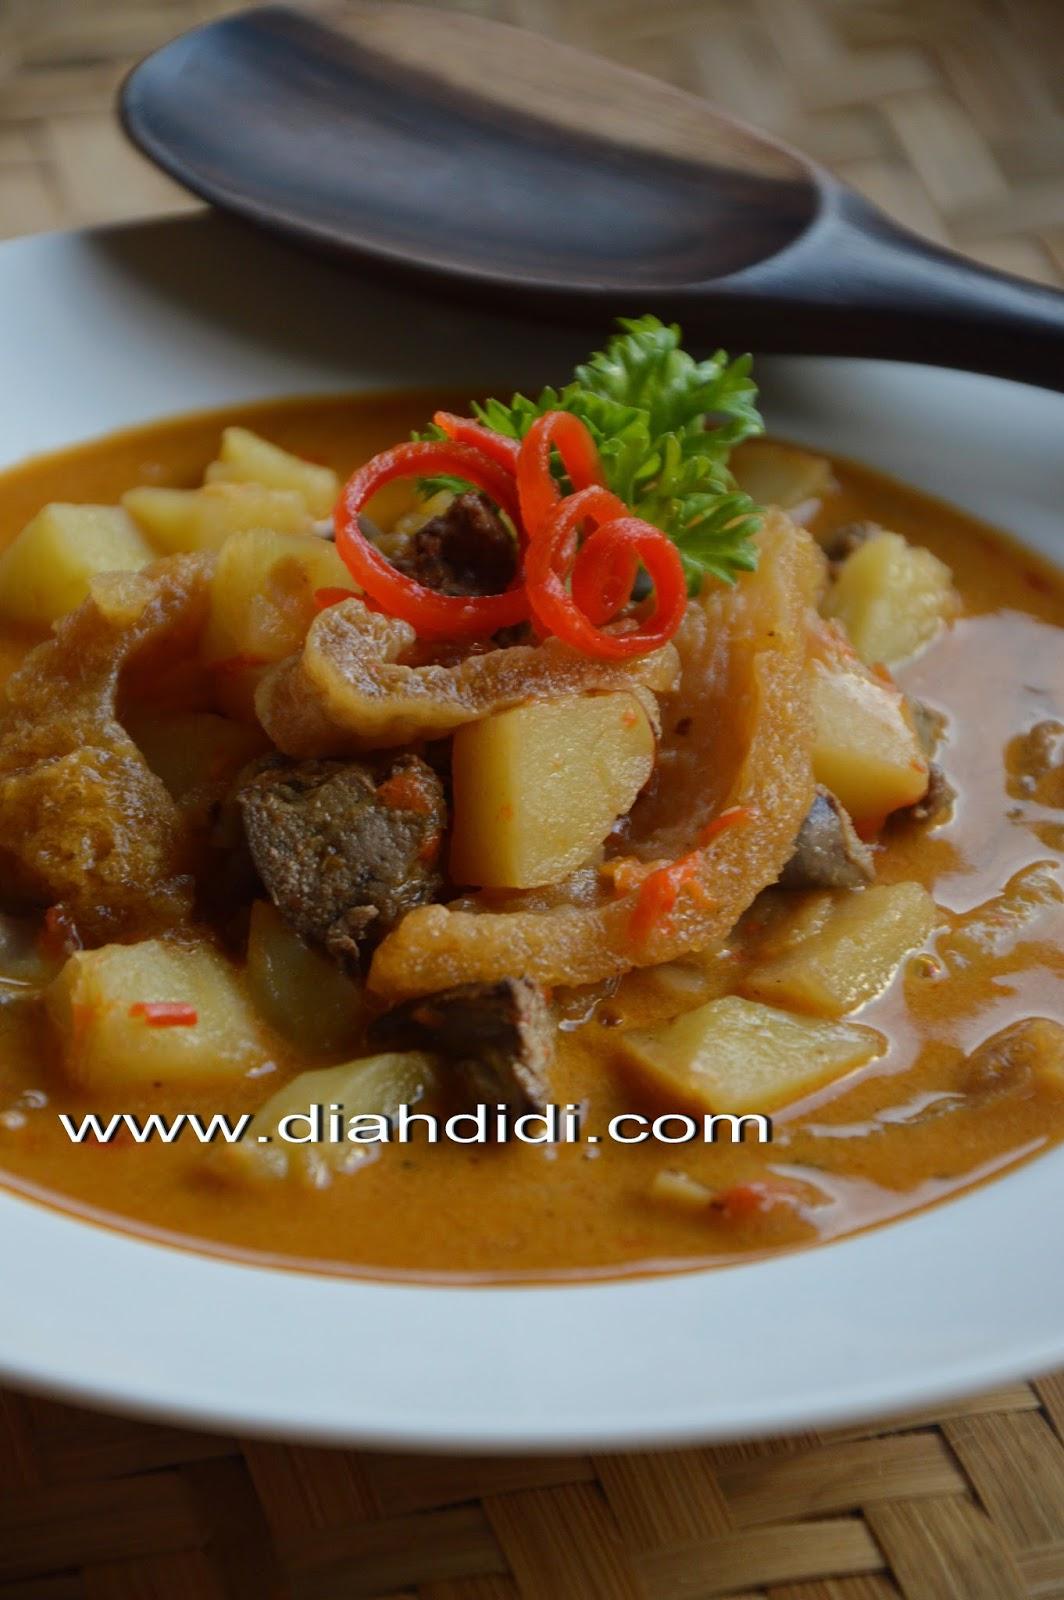 Diah Didis Kitchen Inspirasi Menu Buka Puasa Hari Ke 8 Sup